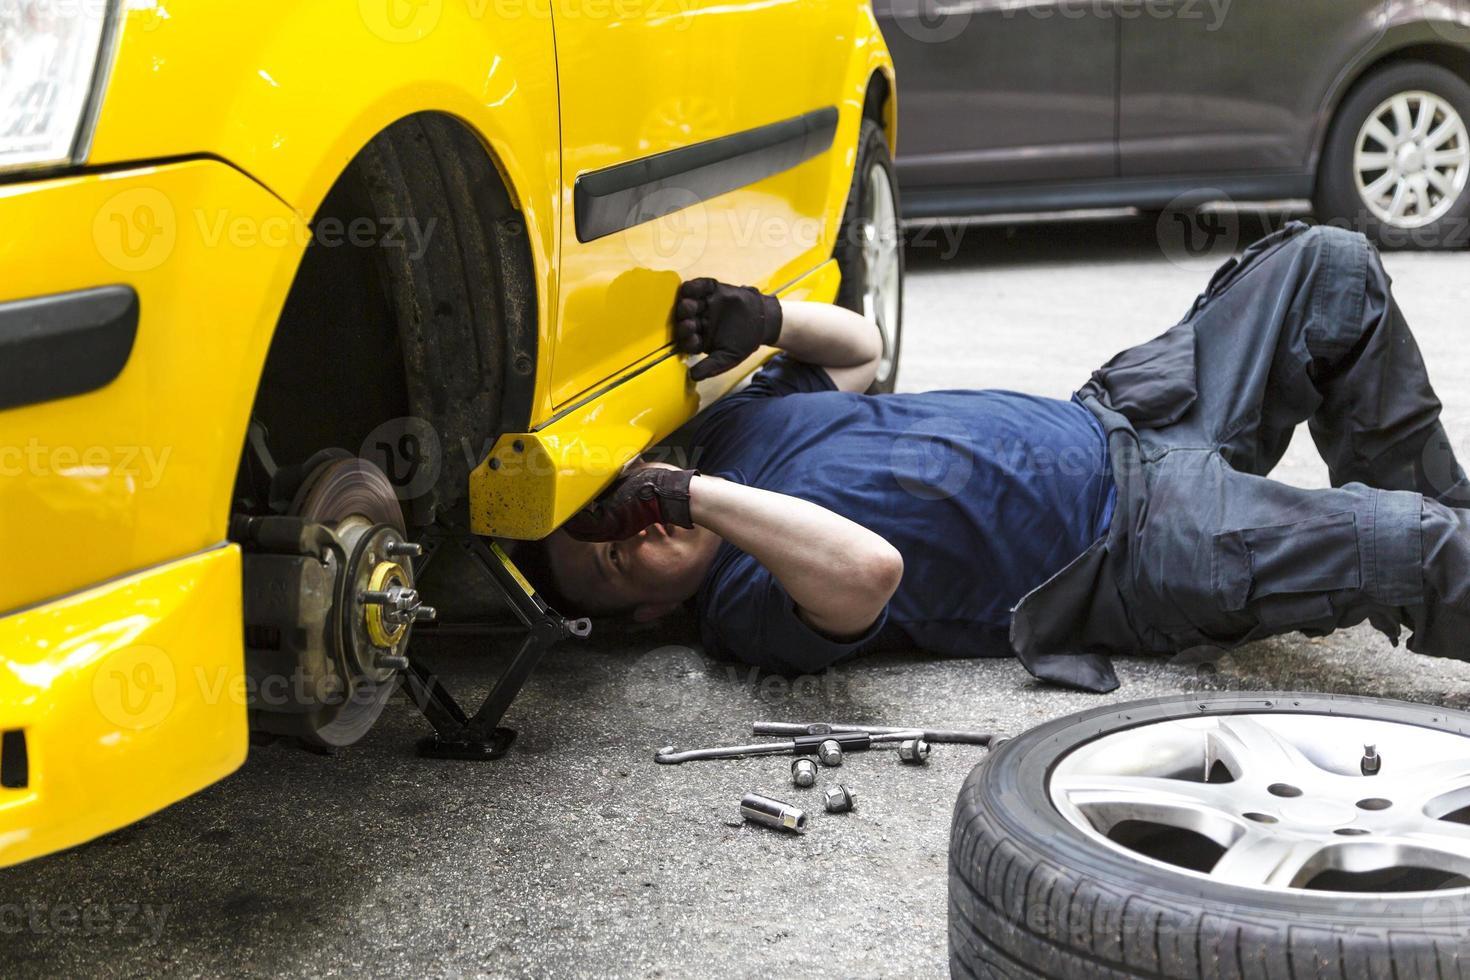 réparation de voiture photo